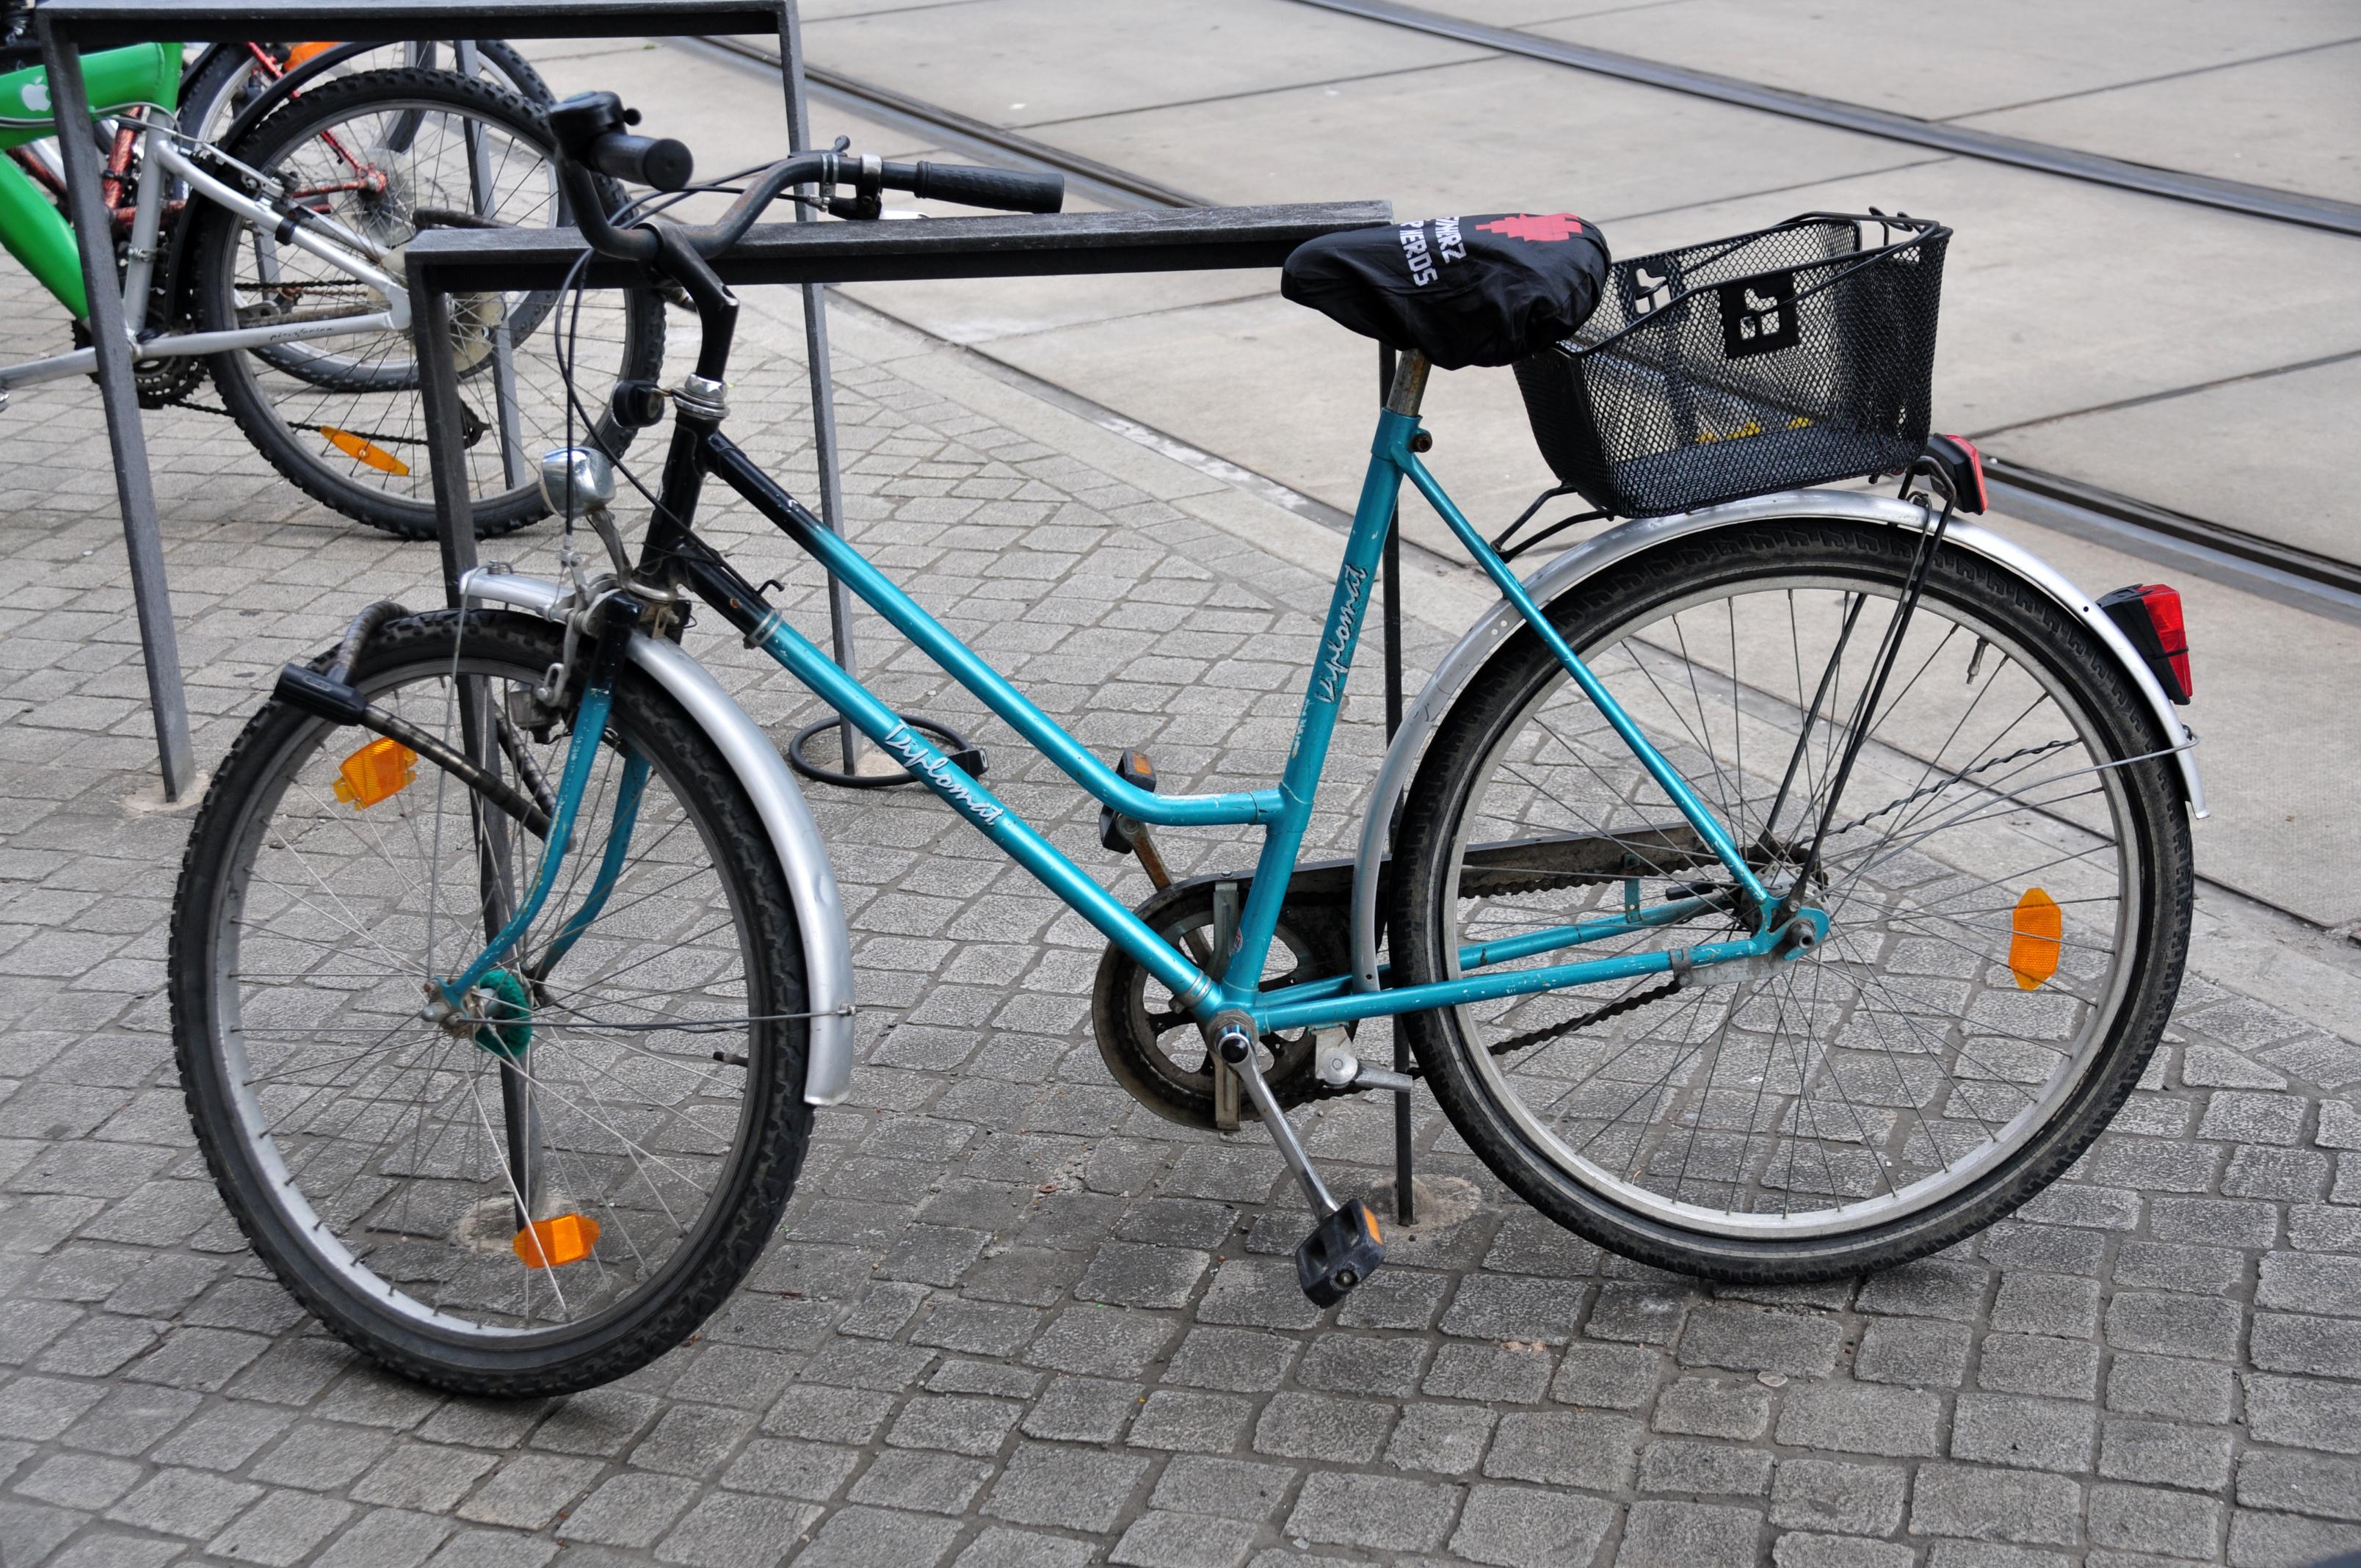 12-06-09-fahrrad-by-ralfr-23.jpg